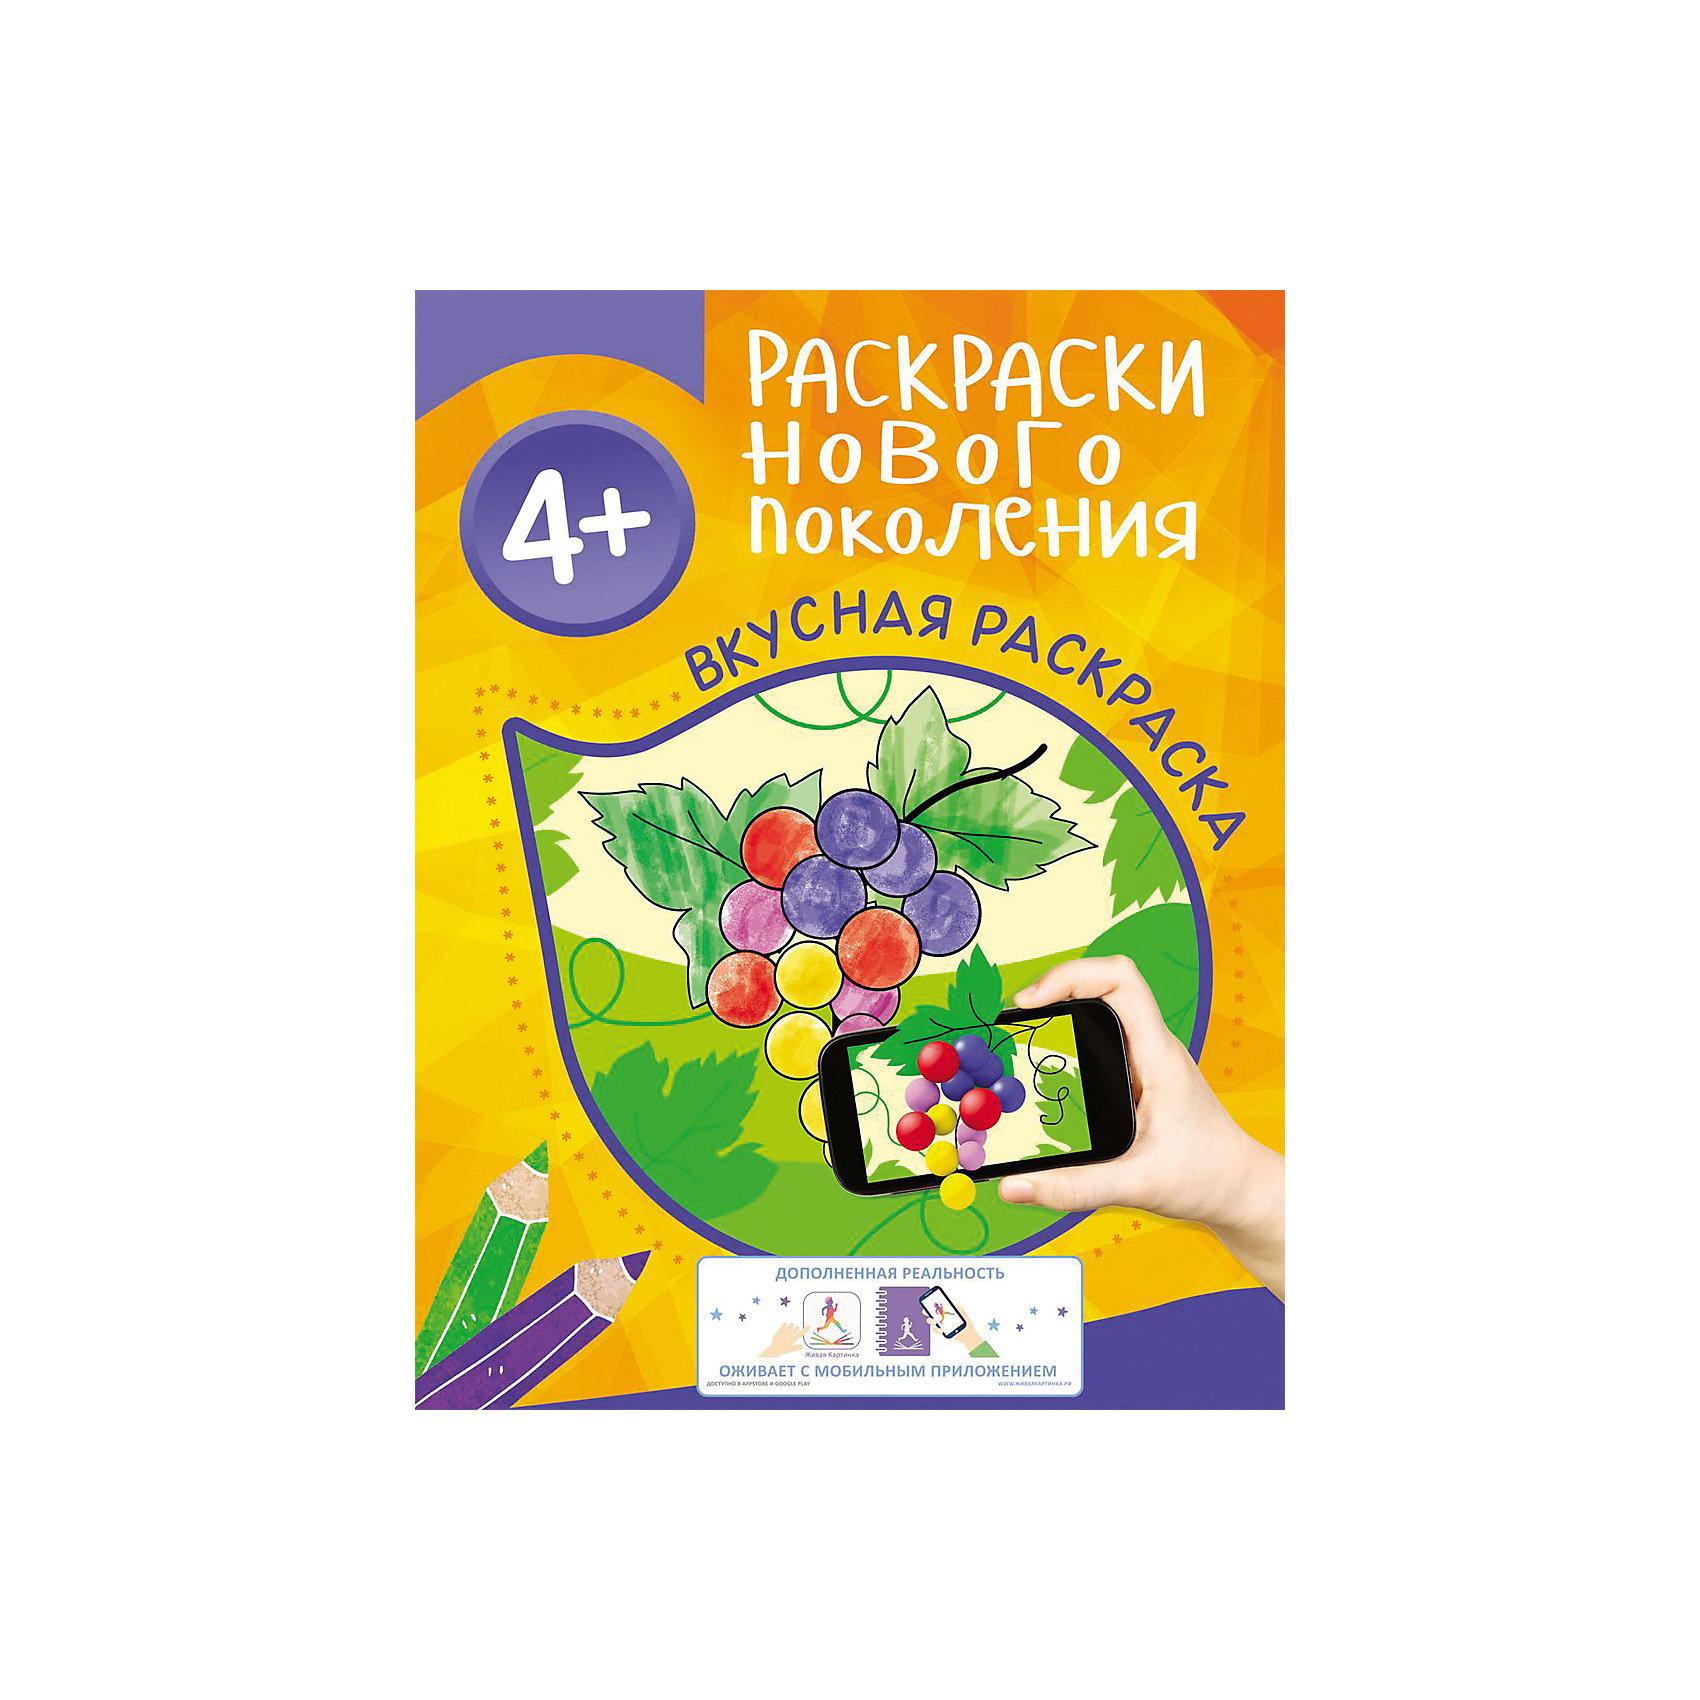 Раскраски нового поколения Вкусная раскраскаКниги для развития творческих навыков<br>Раскраски нового поколения Вкусная раскраска<br><br>Характеристики:<br><br>• ISBN: 9785353081845<br>• Формат: а4<br>• Количество страниц: 16<br>• Обложка: мягкая<br><br>Эта супер-современная раскраска используется вместе с приложением Живая картинка из AppleStore или GooglePlay. Для работы необходимо запустить приложение и навести на обложу, а затем следовать появившейся инструкции. Само приложение полностью бесплатное, а с его помощью ваш ребенок сможет оживить раскрашенные им картинки и услышать стихотворения.<br><br>Раскраски нового поколения Вкусная раскраска можно купить в нашем интернет-магазине.<br><br>Ширина мм: 275<br>Глубина мм: 213<br>Высота мм: 30<br>Вес г: 85<br>Возраст от месяцев: 36<br>Возраст до месяцев: 2147483647<br>Пол: Унисекс<br>Возраст: Детский<br>SKU: 5507142